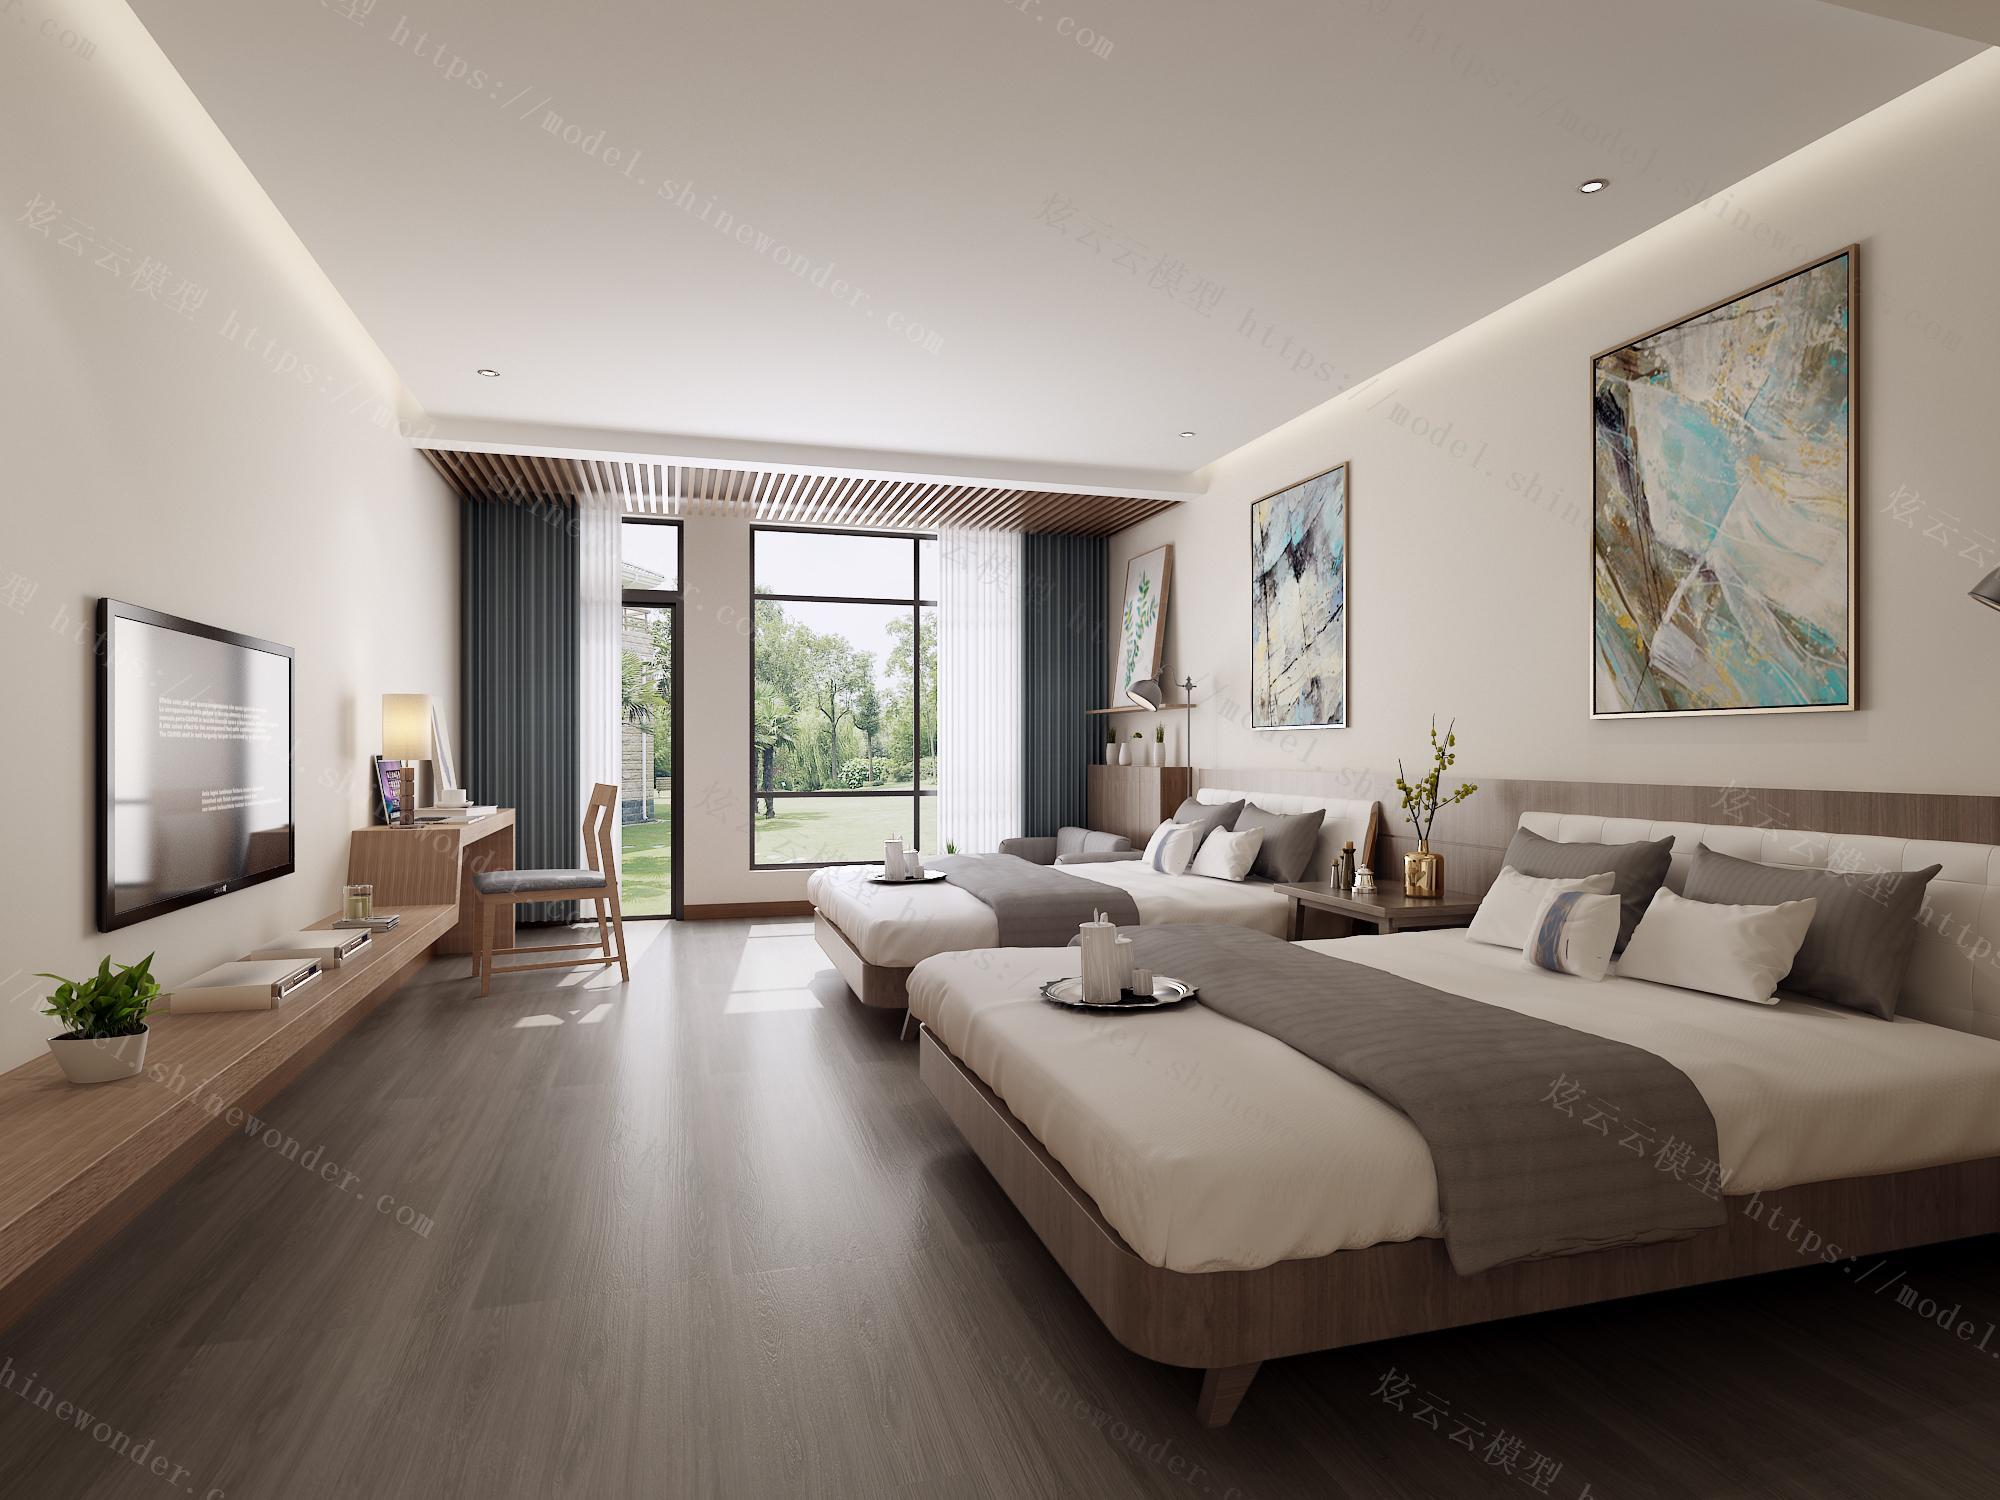 现代酒店双人客房包间标准间模型